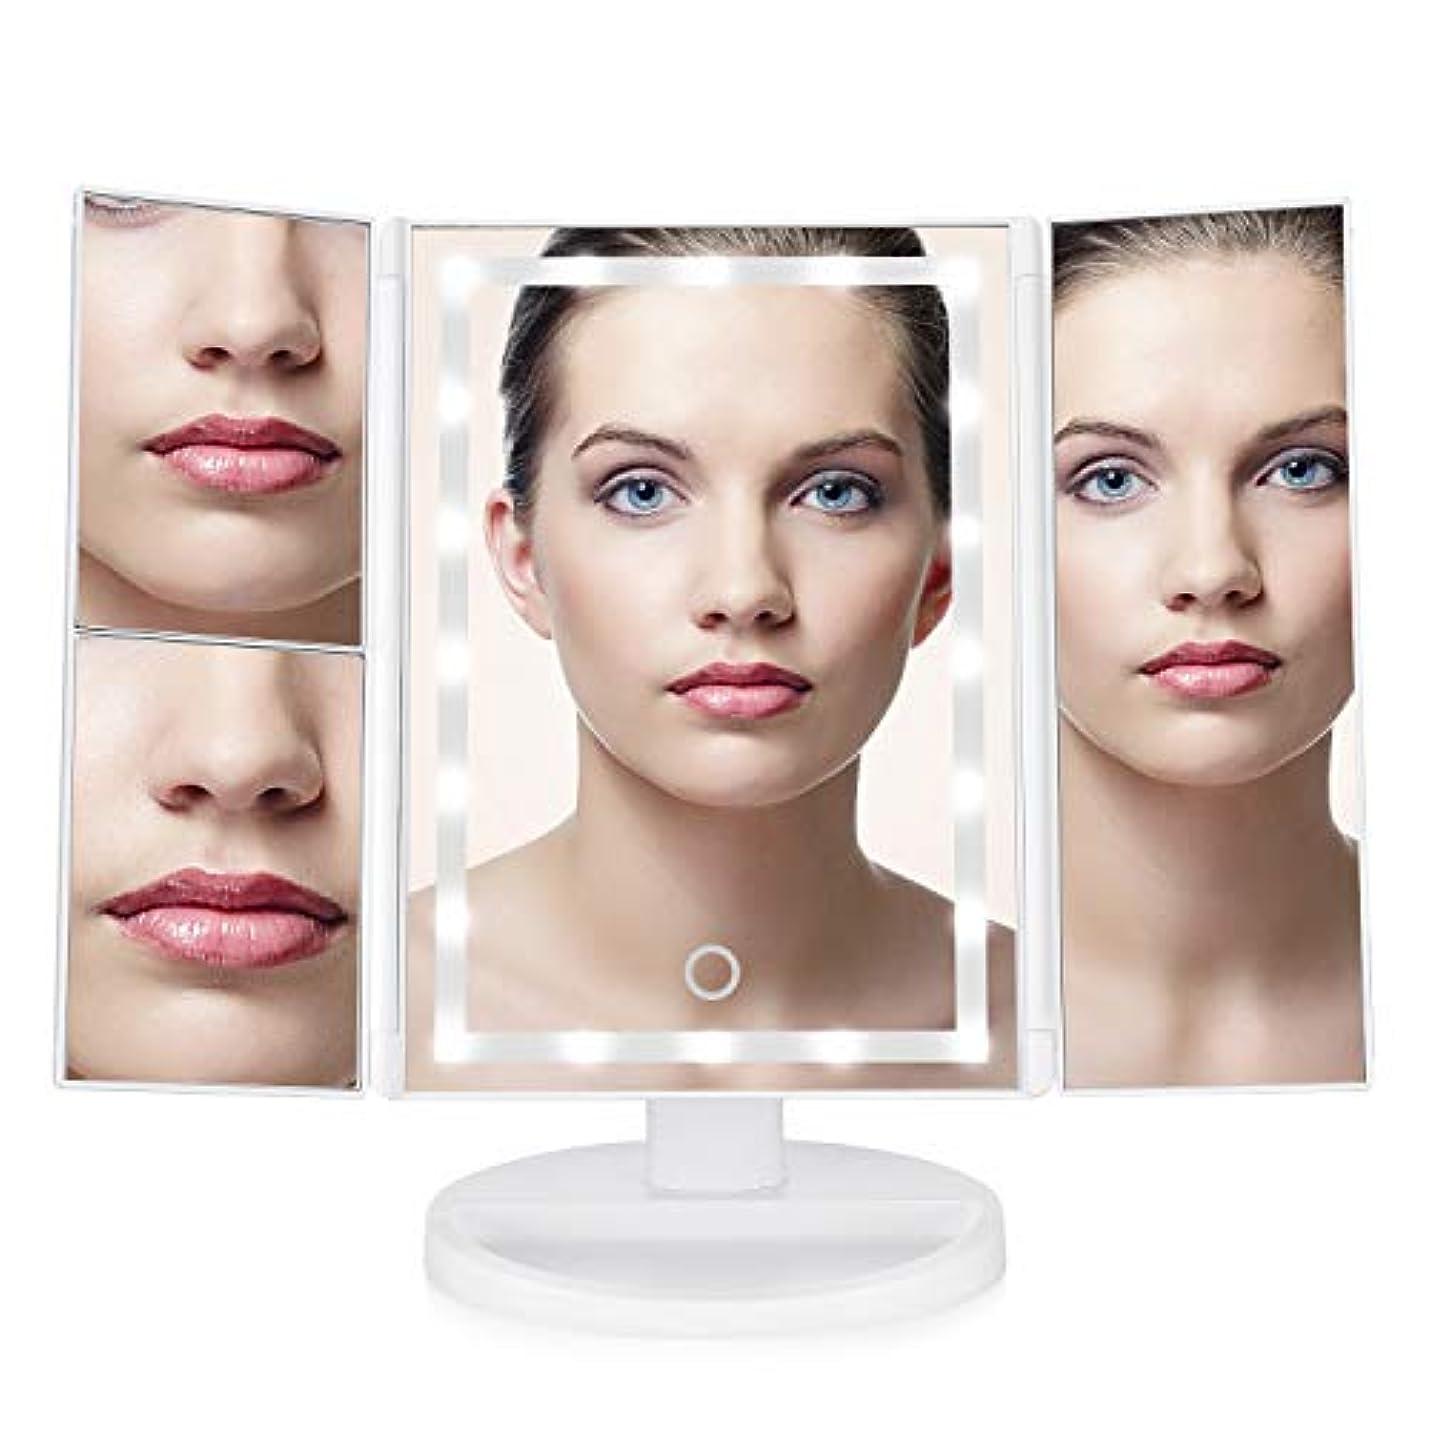 メンタル面白い分化粧鏡 化粧ミラー 鏡 三面鏡 女優ミラー 卓上 折りたたみ 拡大鏡 2&3倍 ライトの明るさを調節可能 180°回転